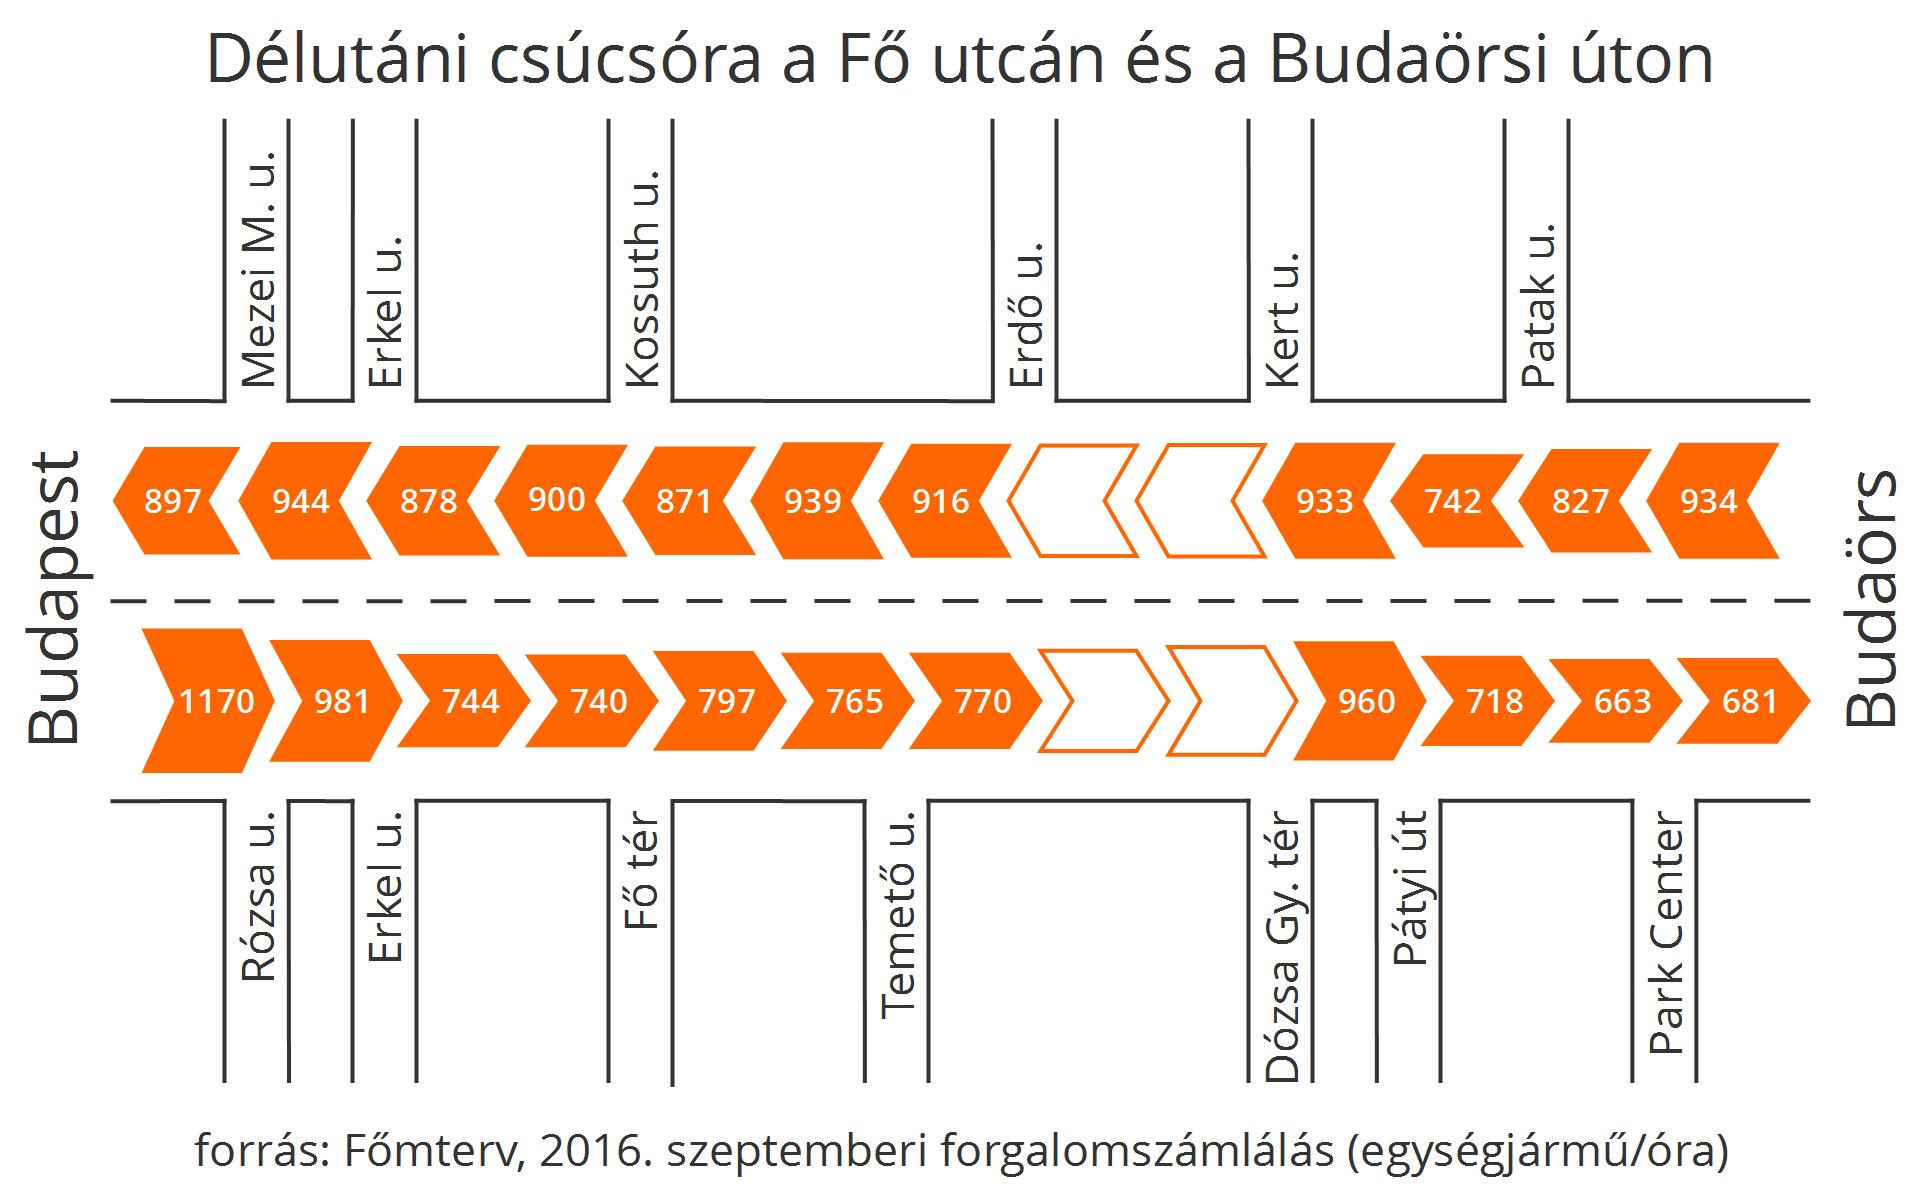 A délutáni csúcsórában ez fordított irányban igaz, de a Budaörs felől haladó forgalomban még kisebb ingadozások vannak szakaszonként.